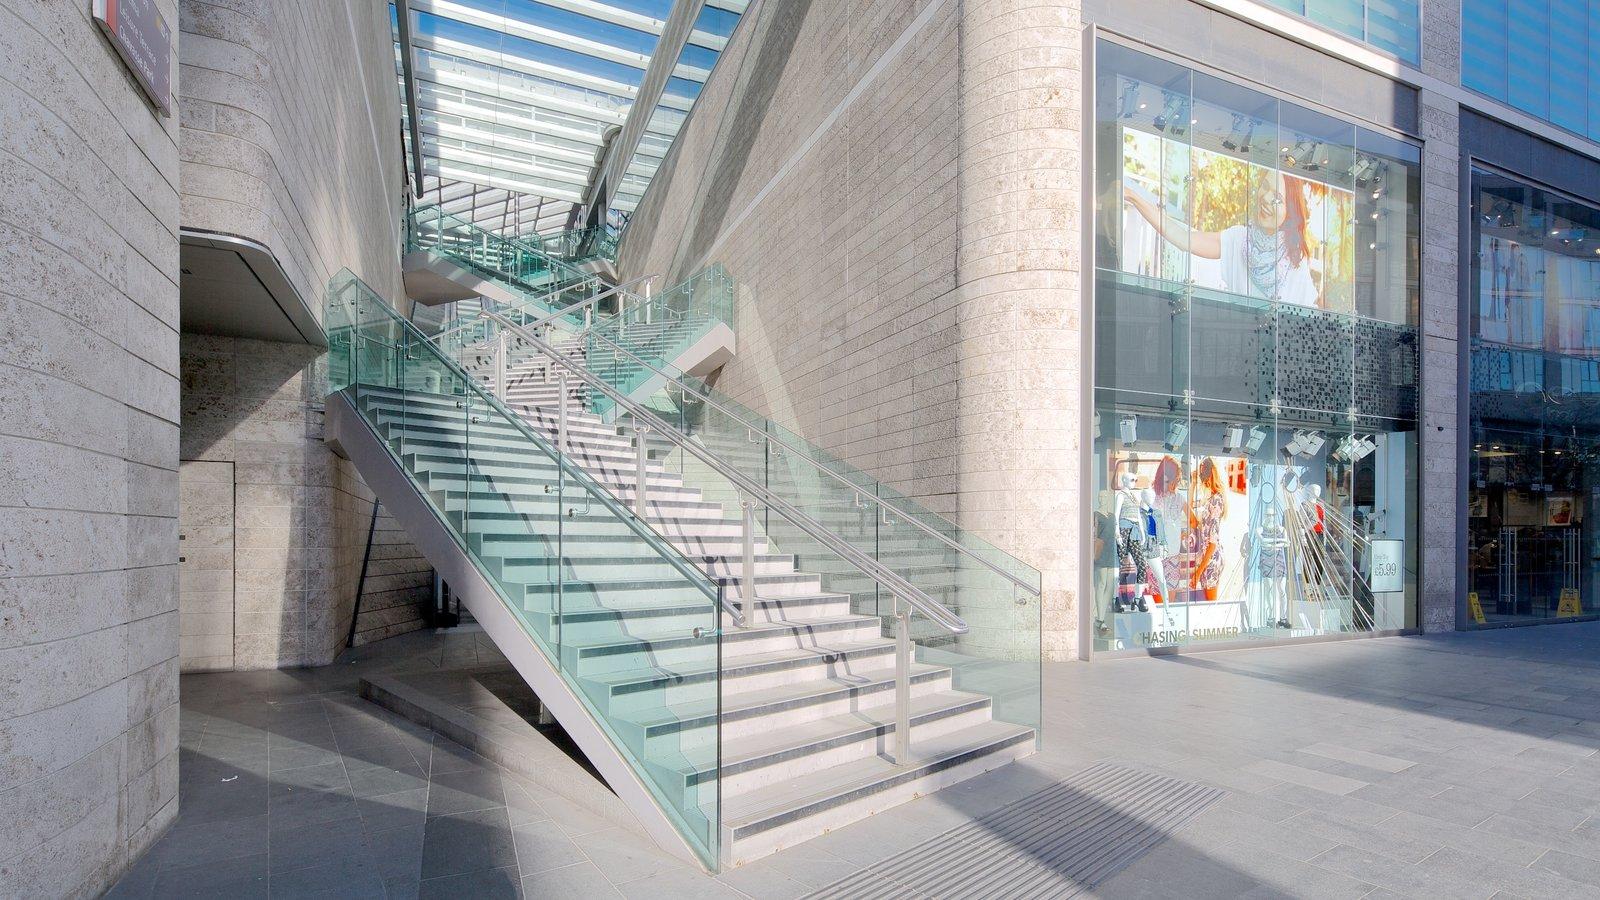 Liverpool ONE mostrando arquitectura moderna